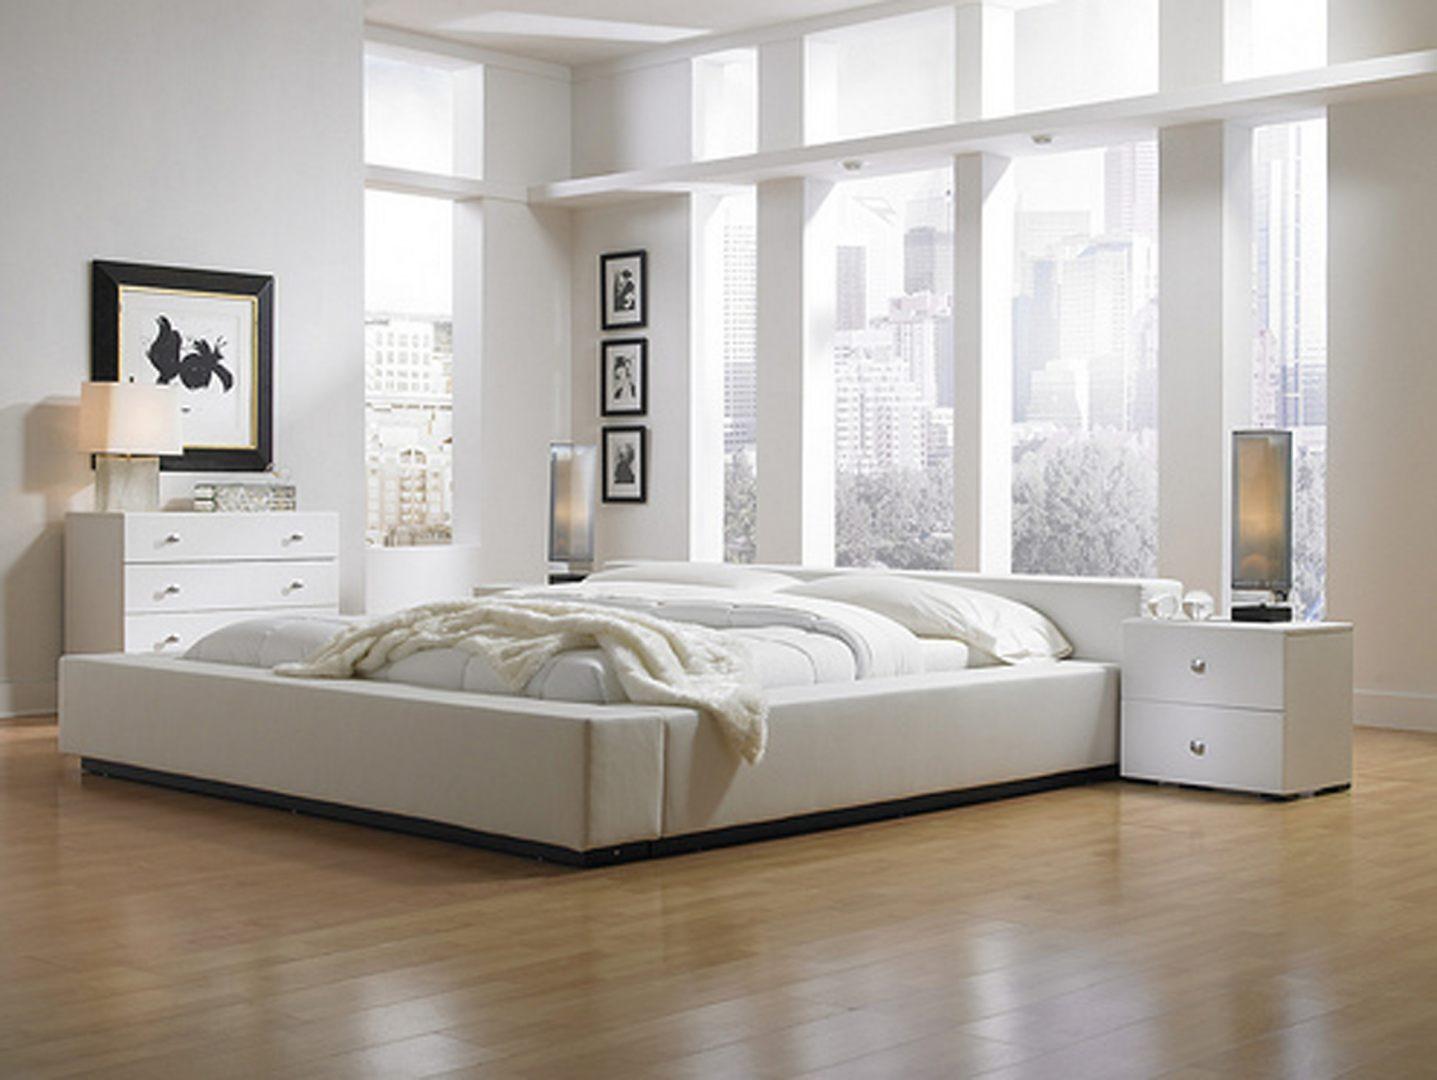 Muebles para habitaciones Imgenes y fotos